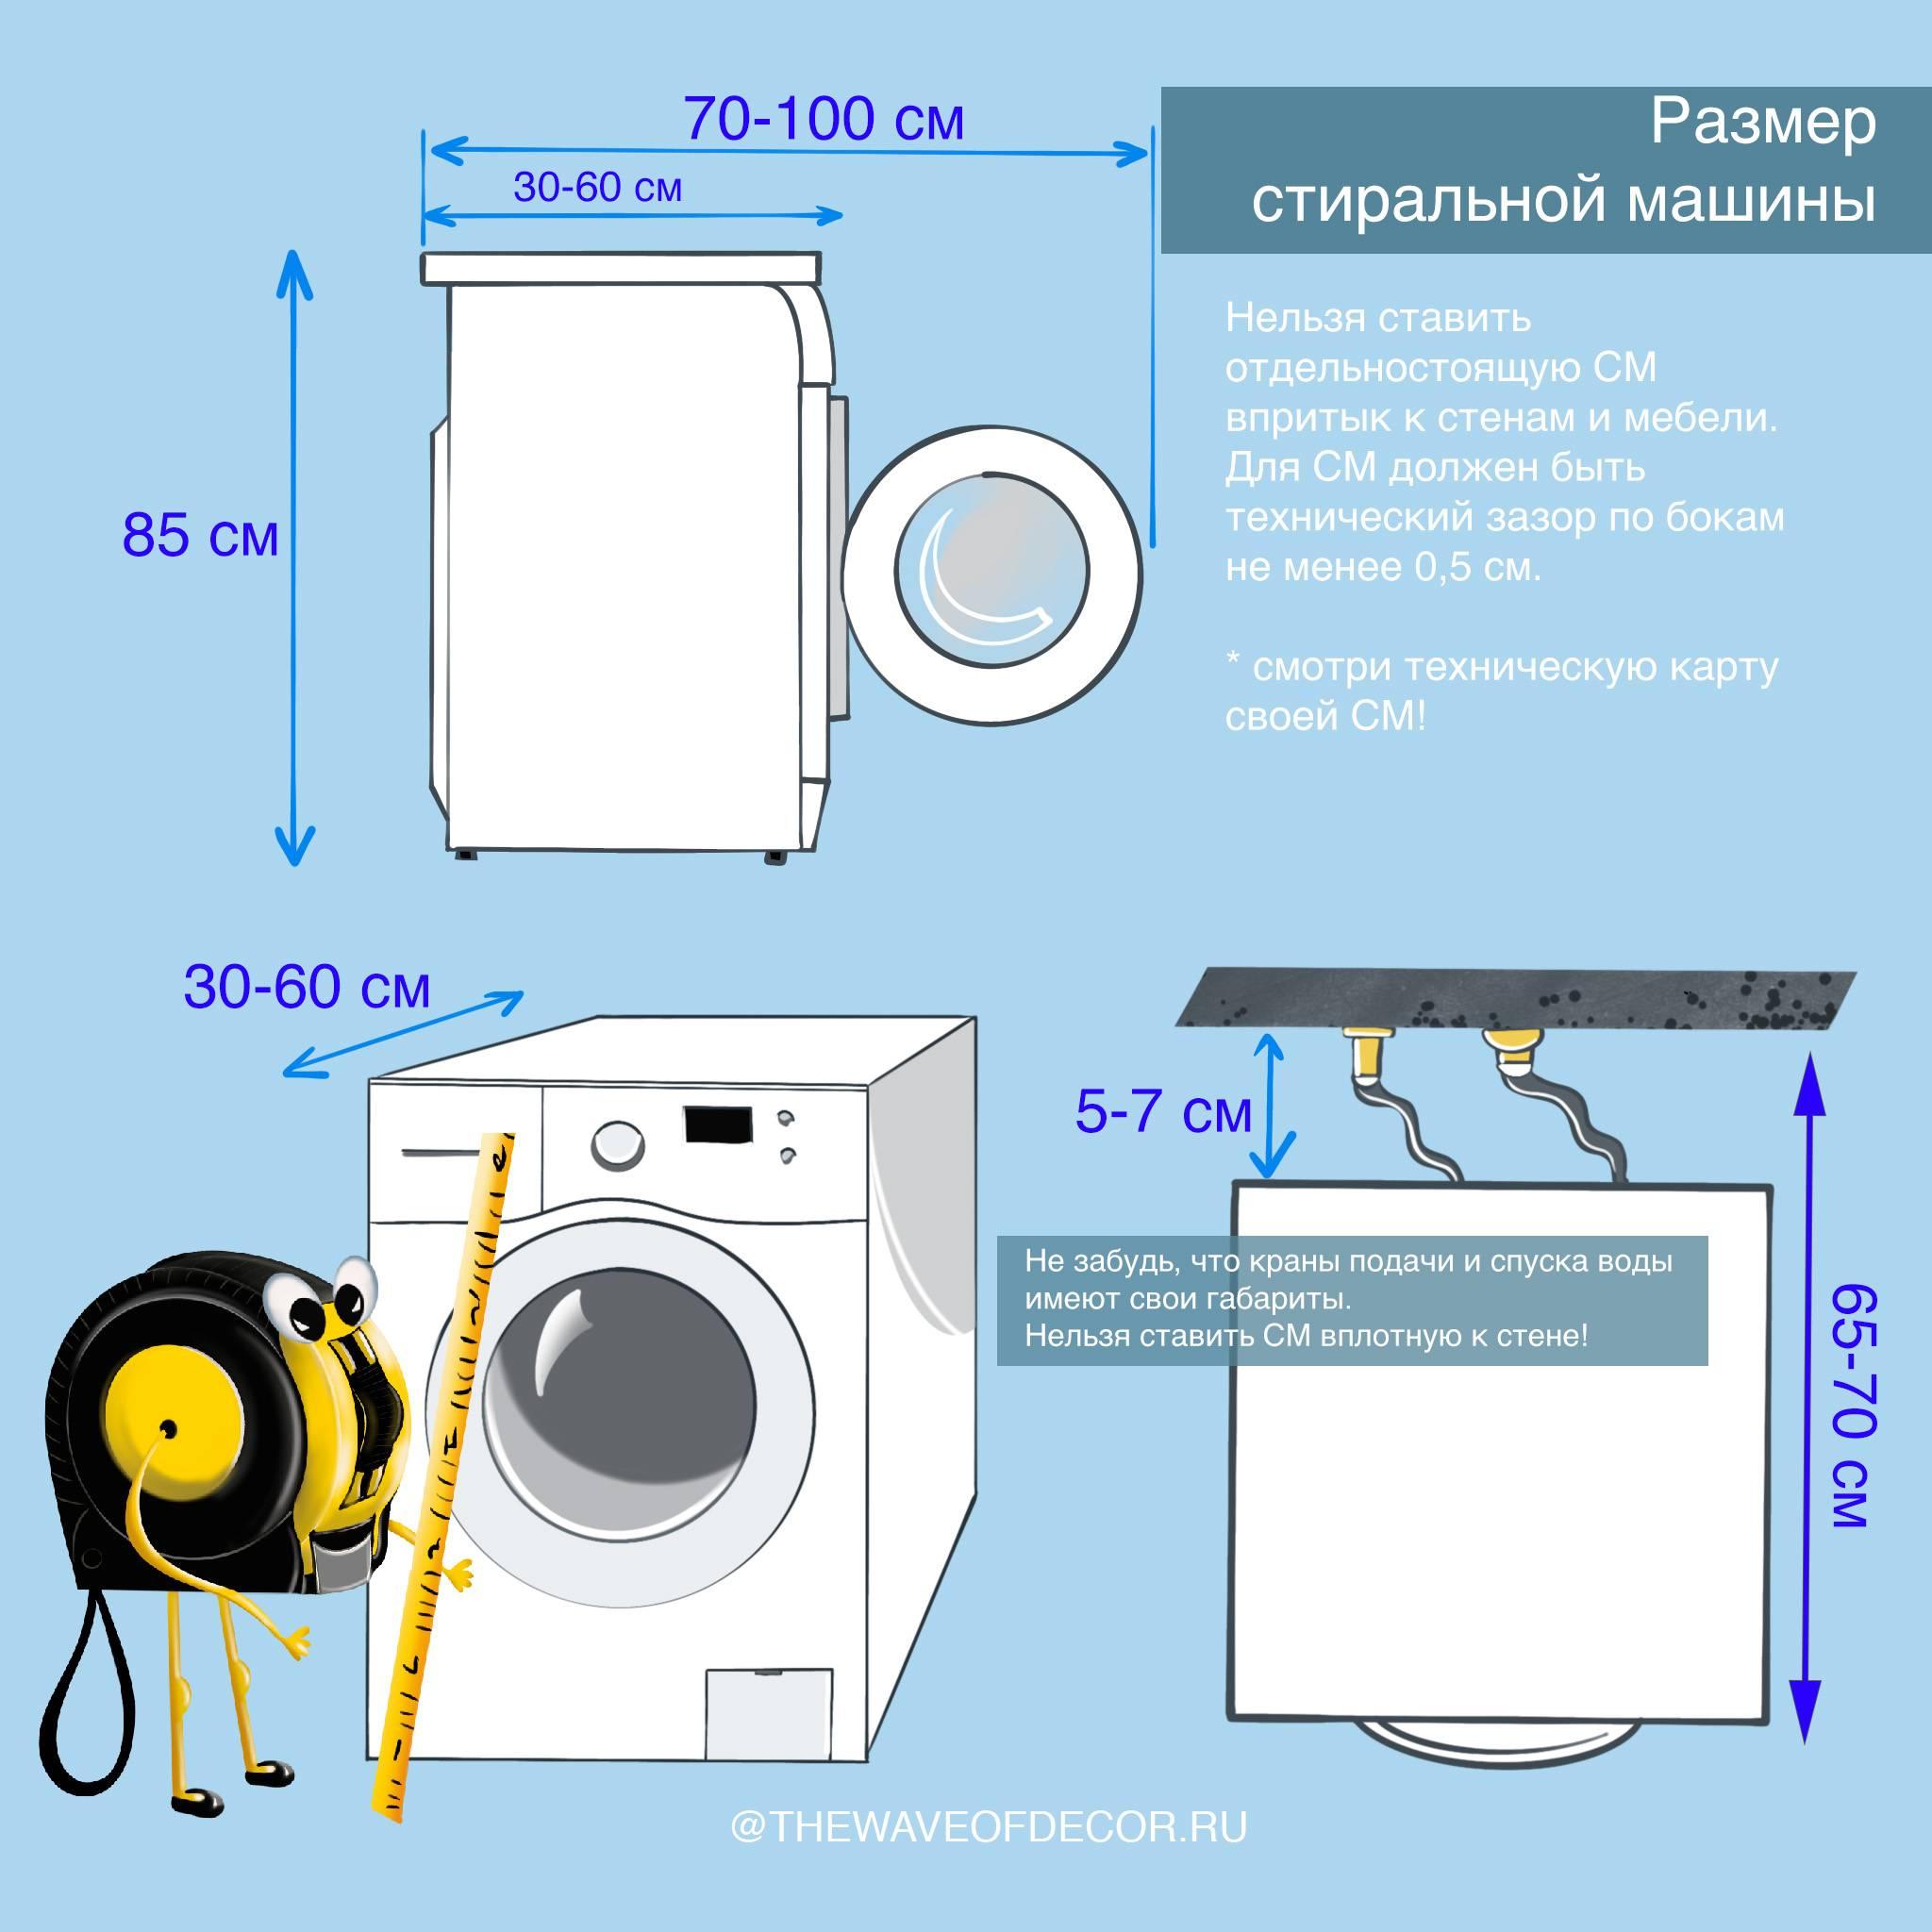 Обзор и сравнение характеристик стиральных машин